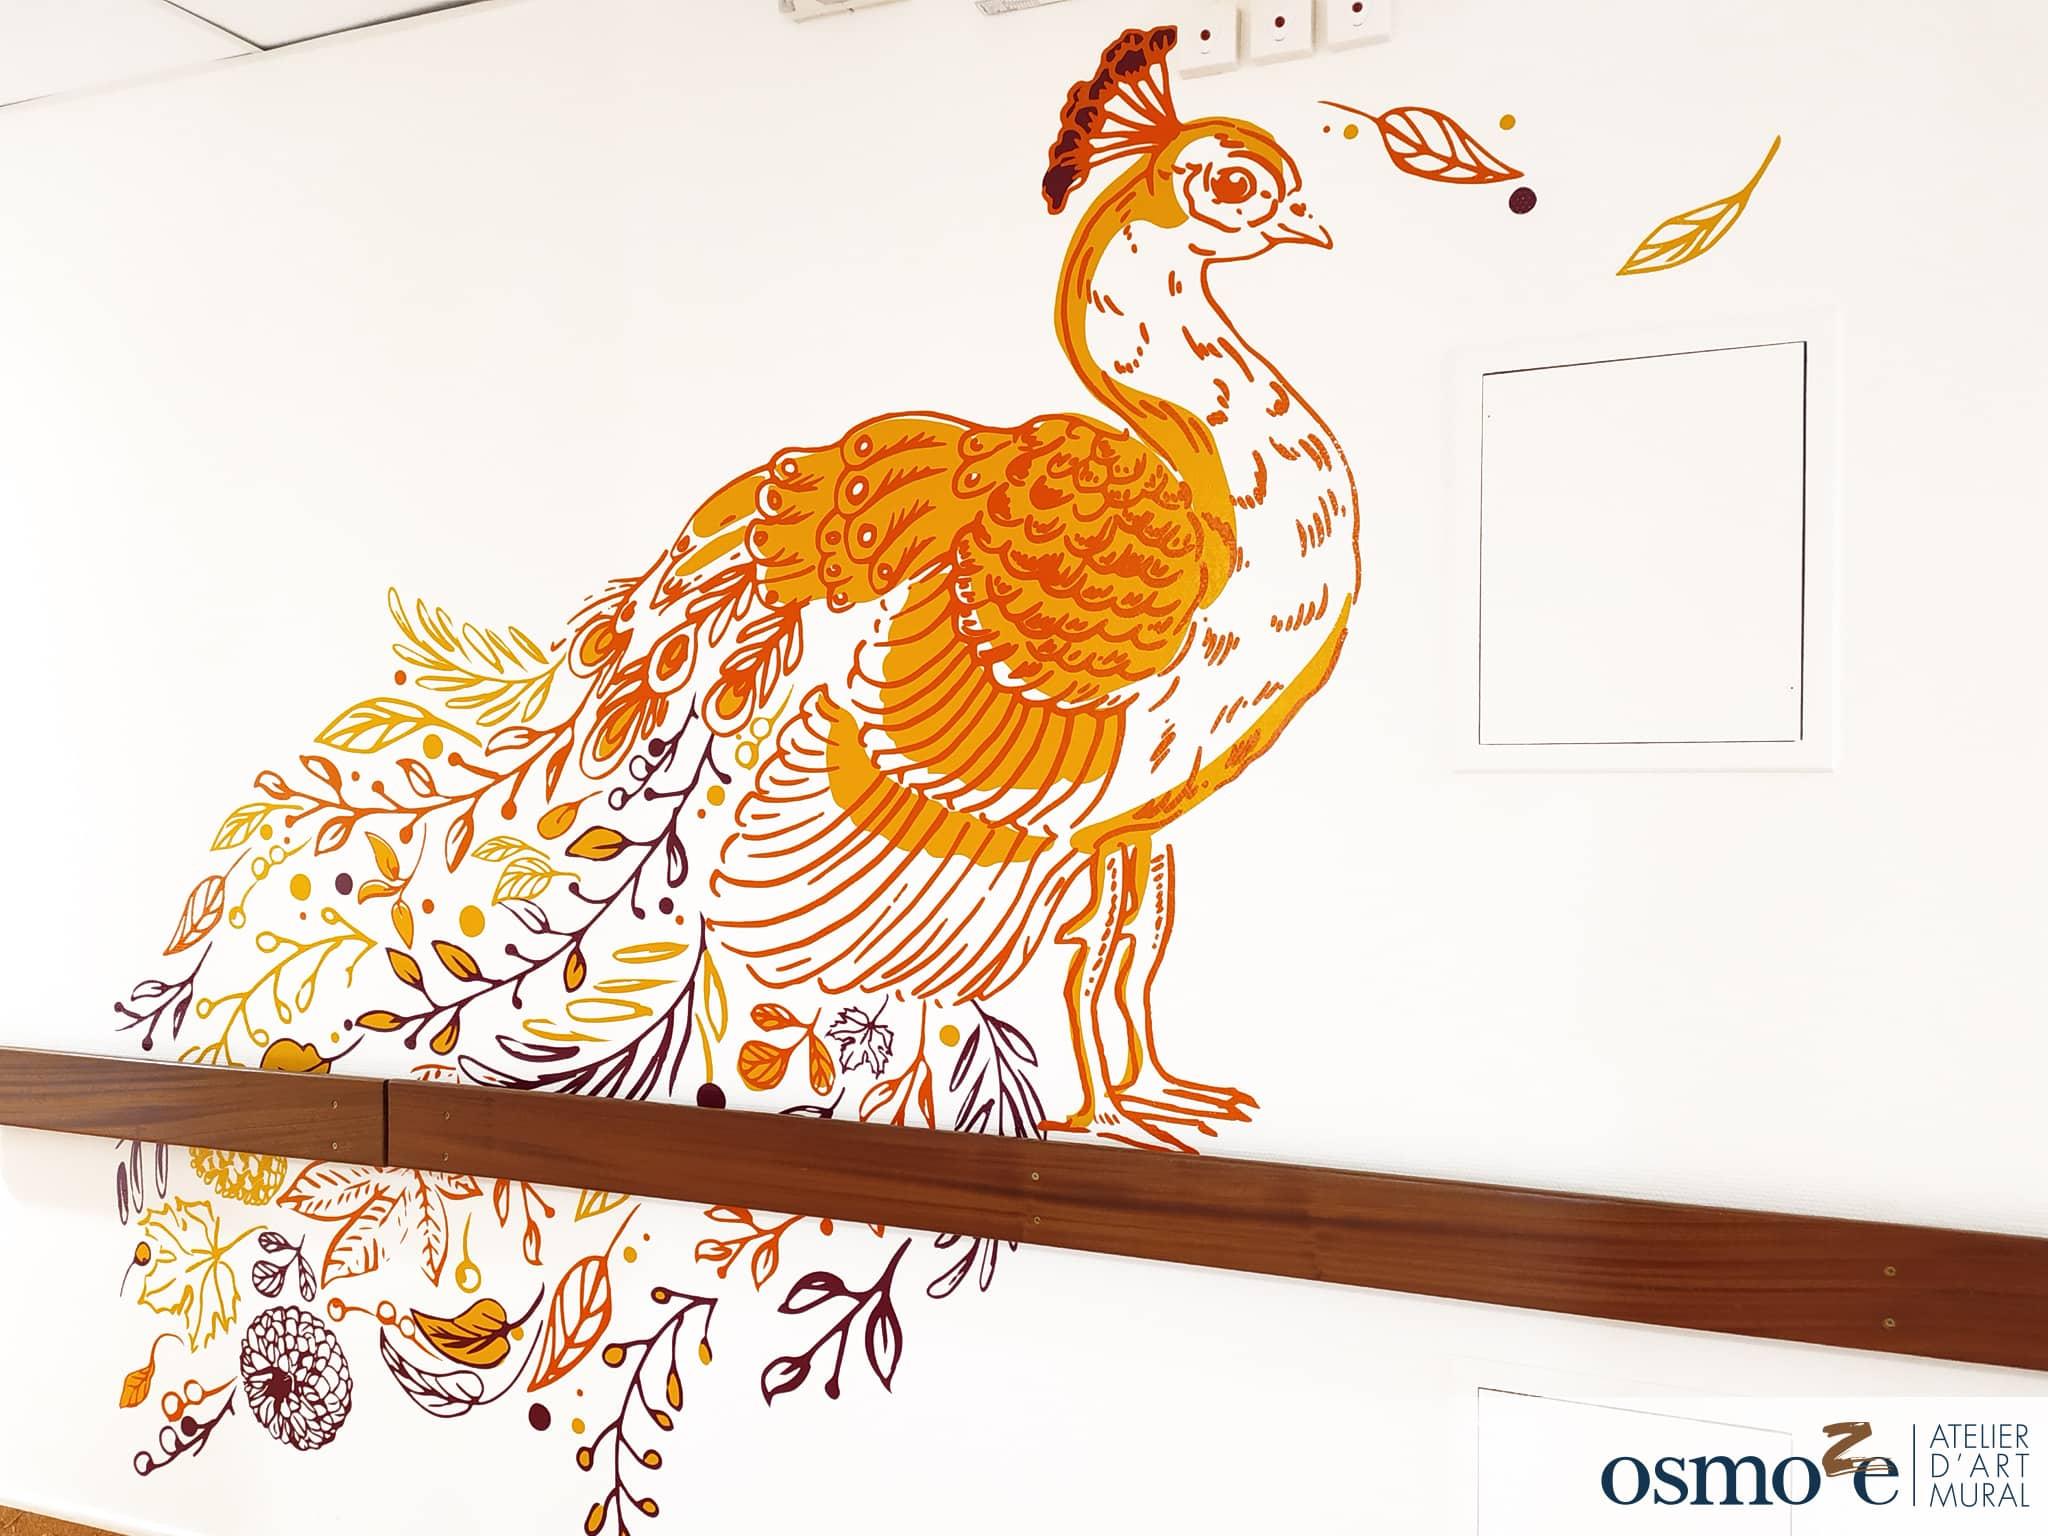 décoration murale et signalétique artistique > Décoration et signalétique murale contemporaine > animale > Ehpad Maison Saint Joseph > couloir